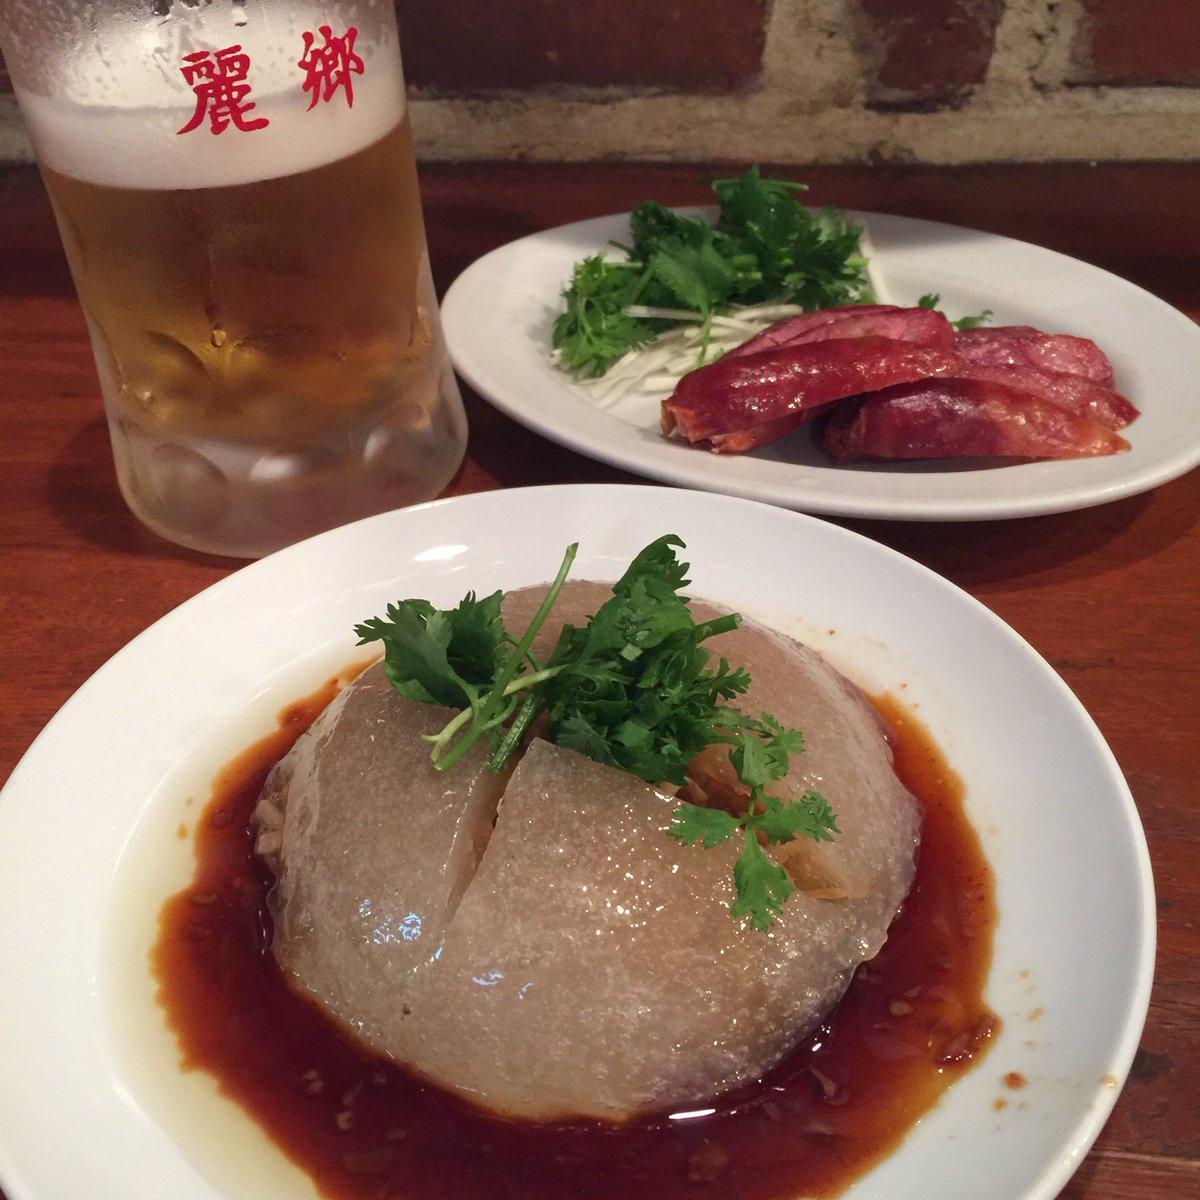 良きライブの後はいつもの呪文。肉員(バーワン)、腸詰、生ビール。